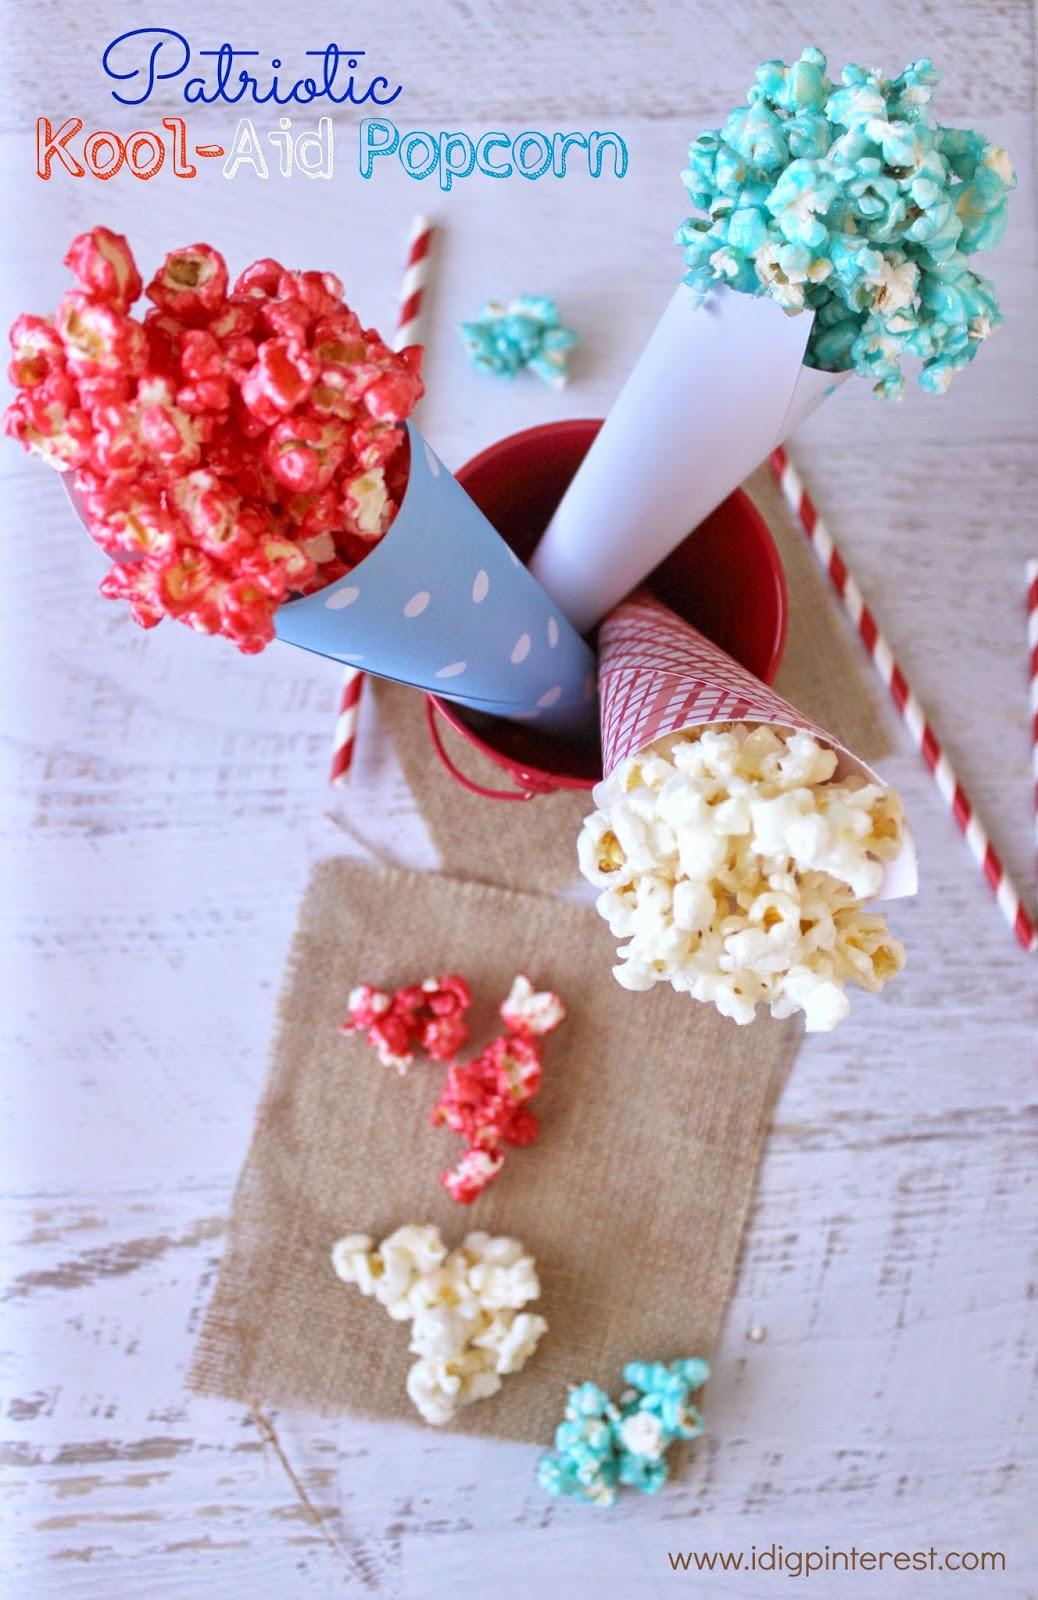 Koolaid Popcorn2